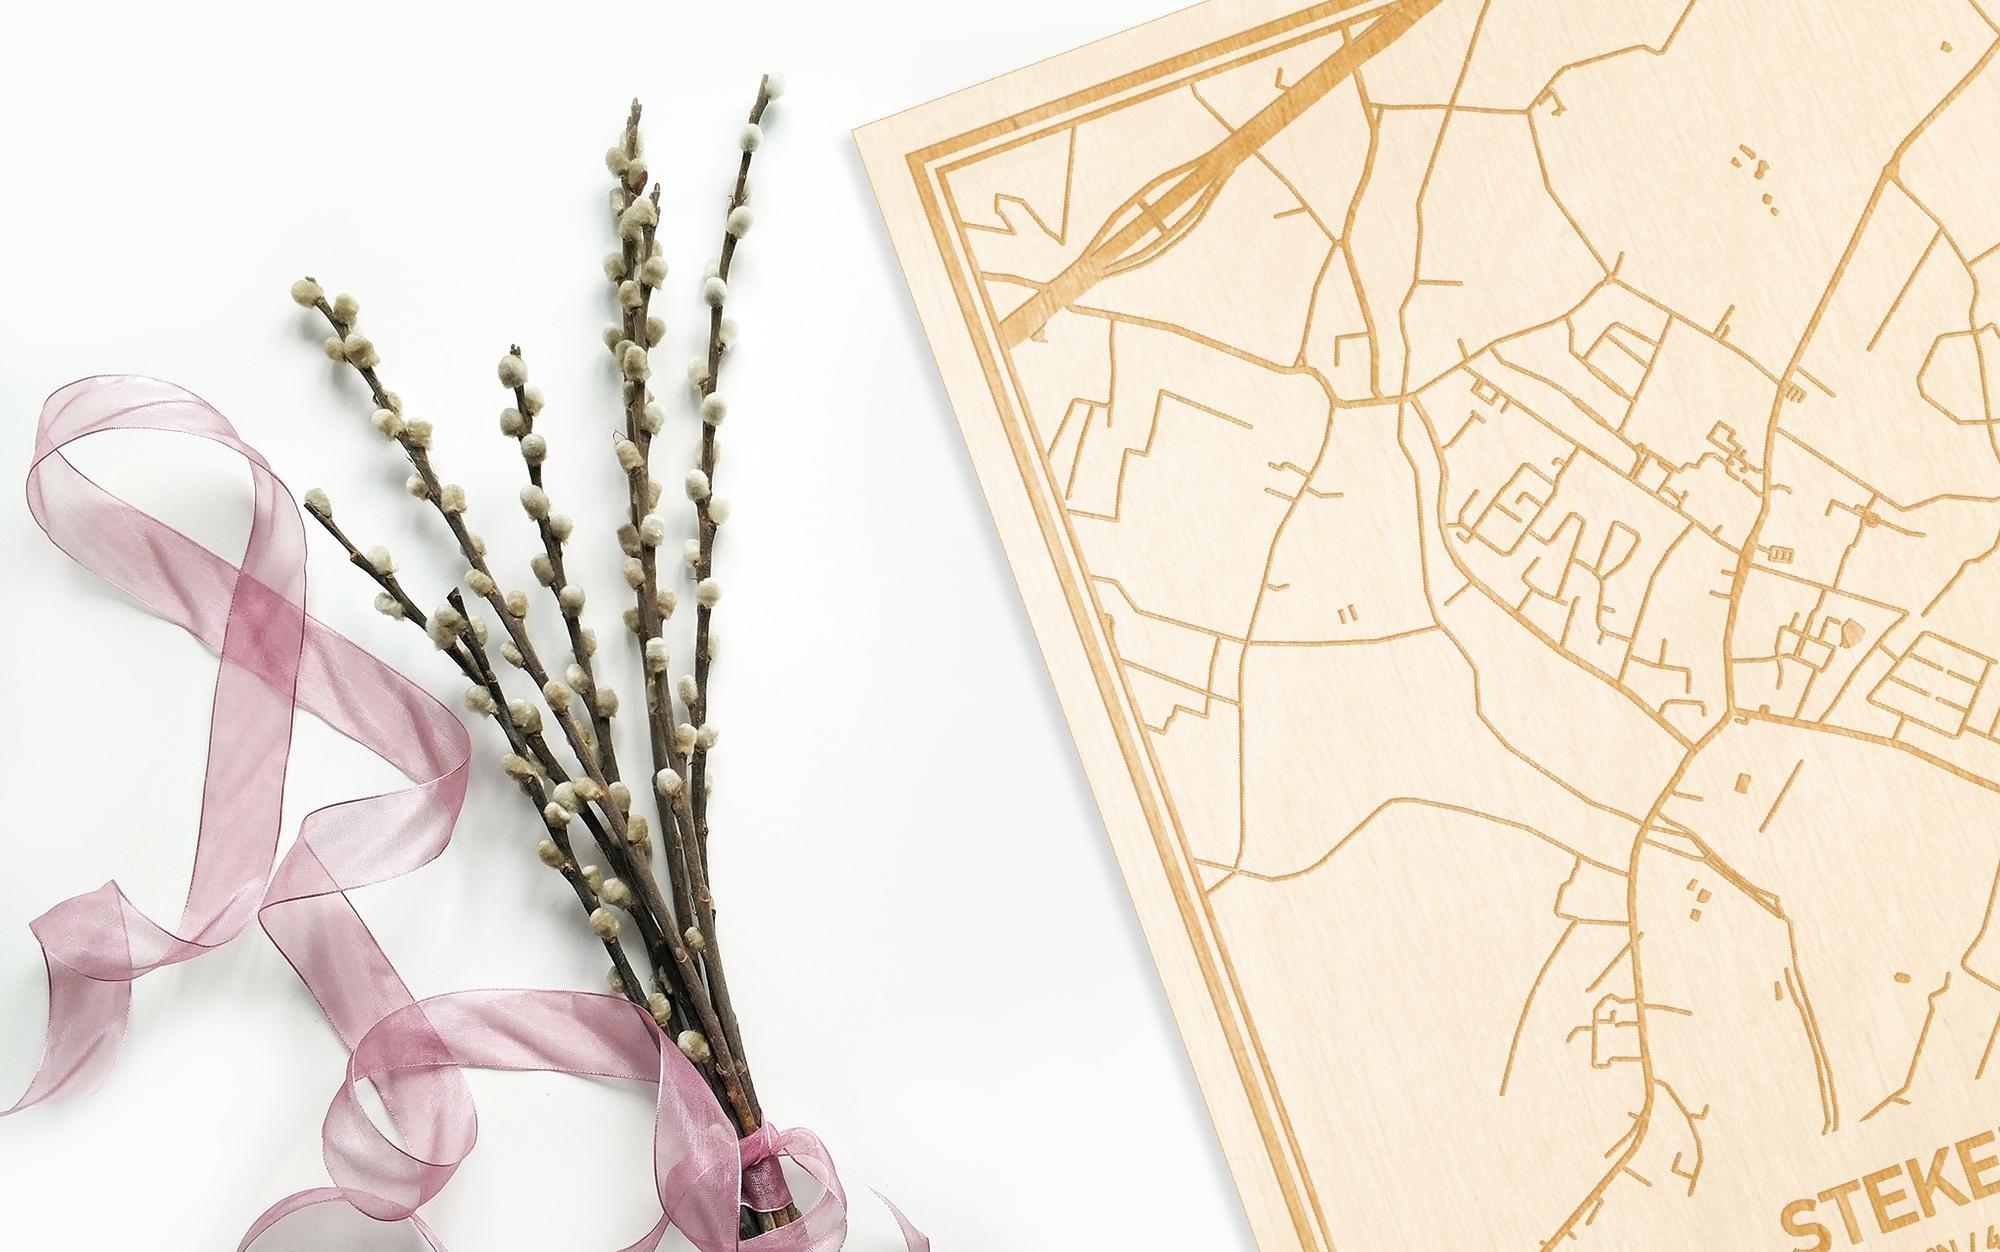 Hier ligt de houten plattegrond Stekene naast een bloemetje als gepersonaliseerd cadeau voor haar.